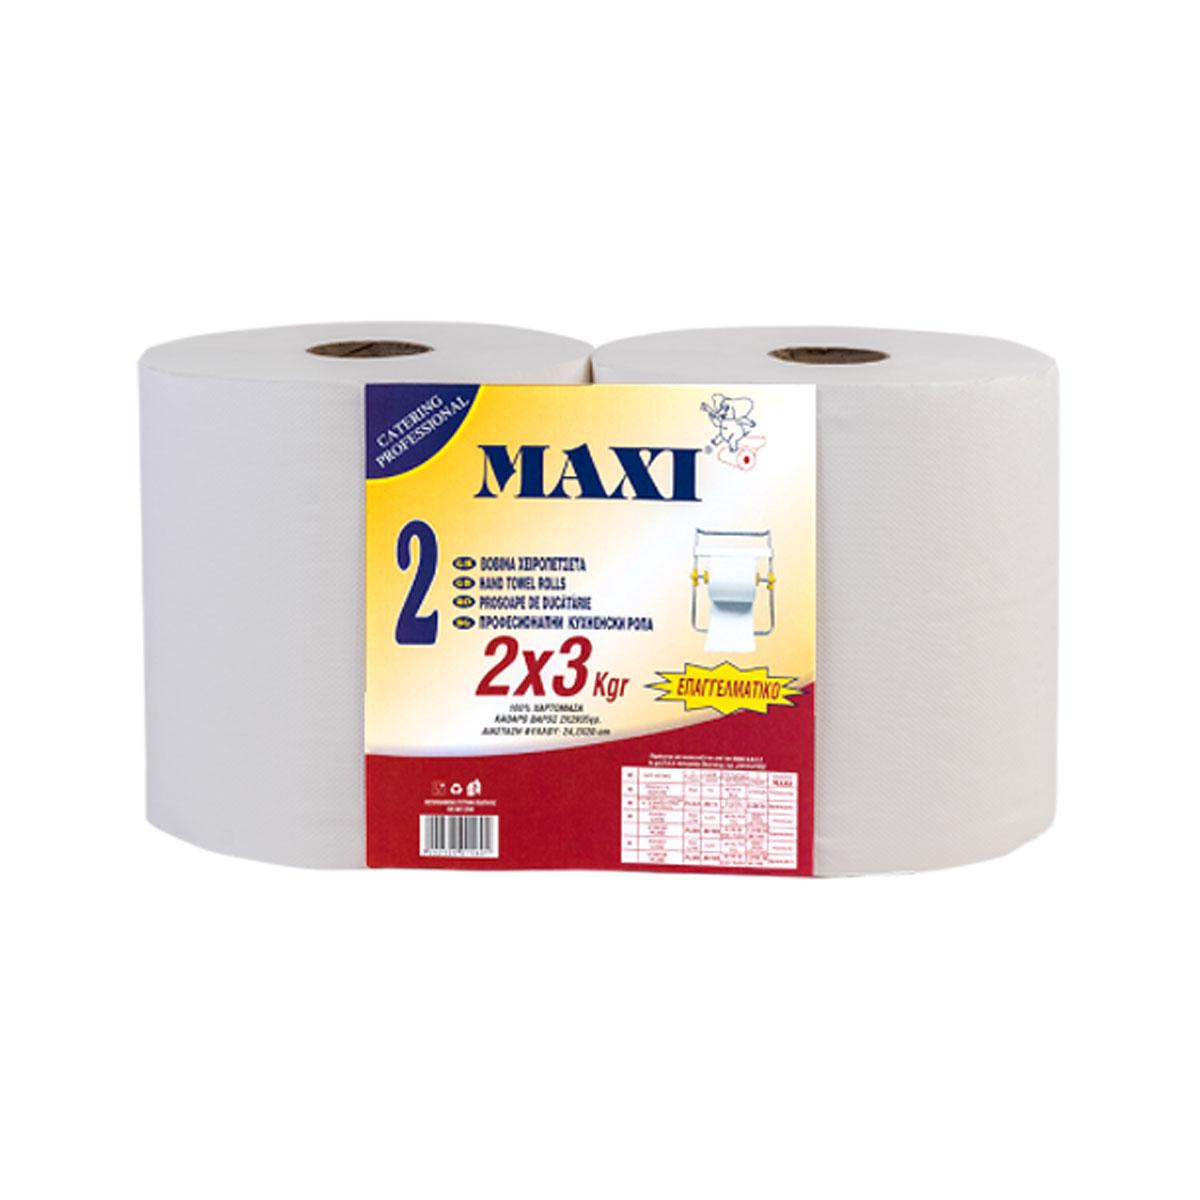 MAXI 3kg